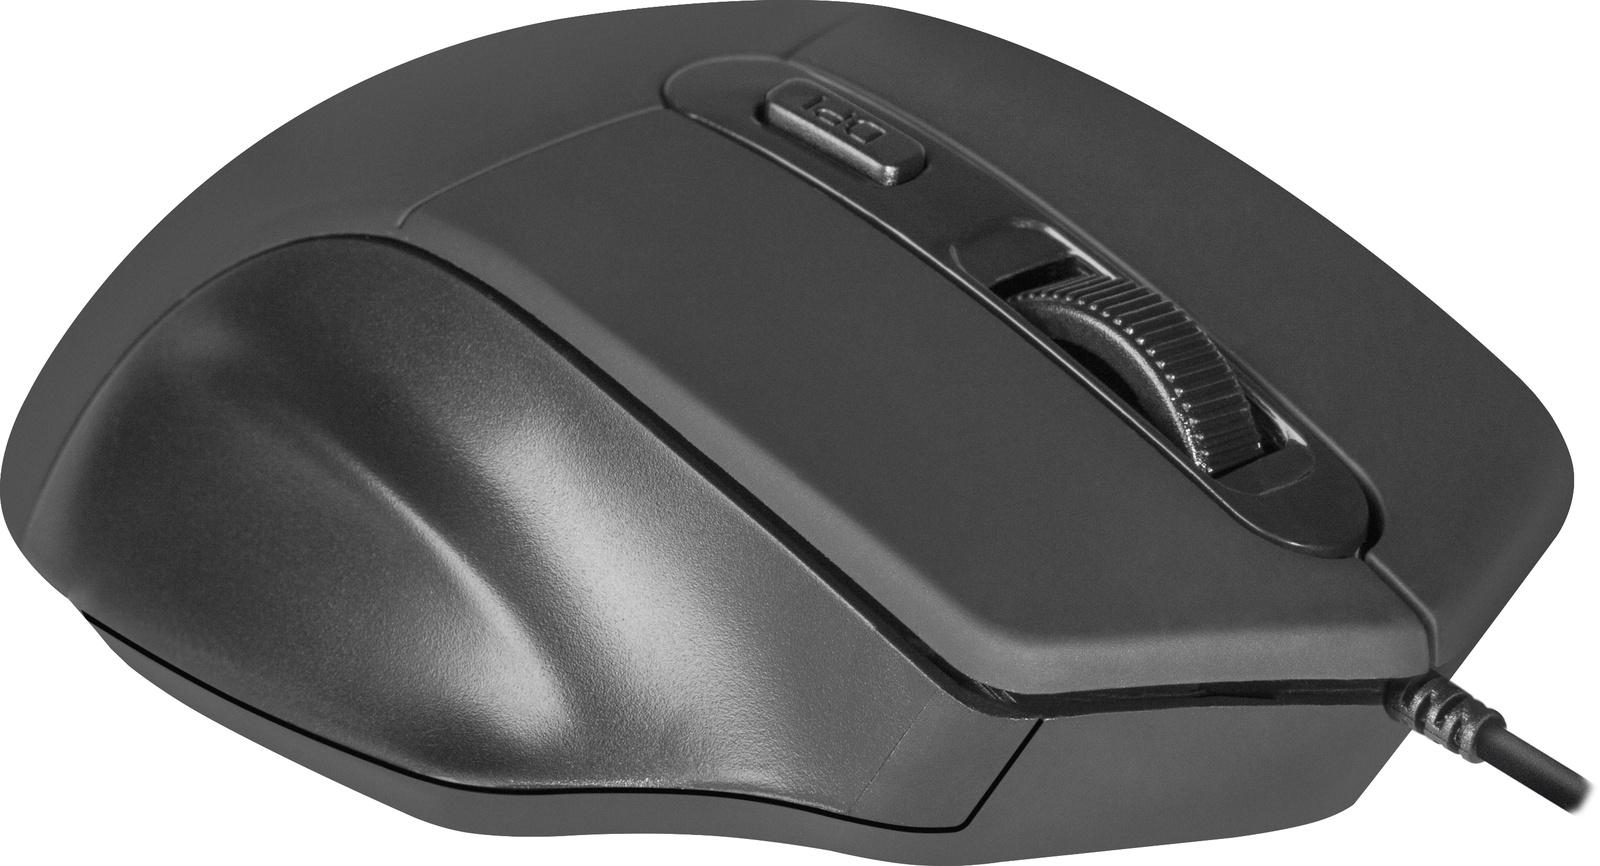 Игровая мышь Defender Datum MB-347, черный игровая мышь qilive m555bu